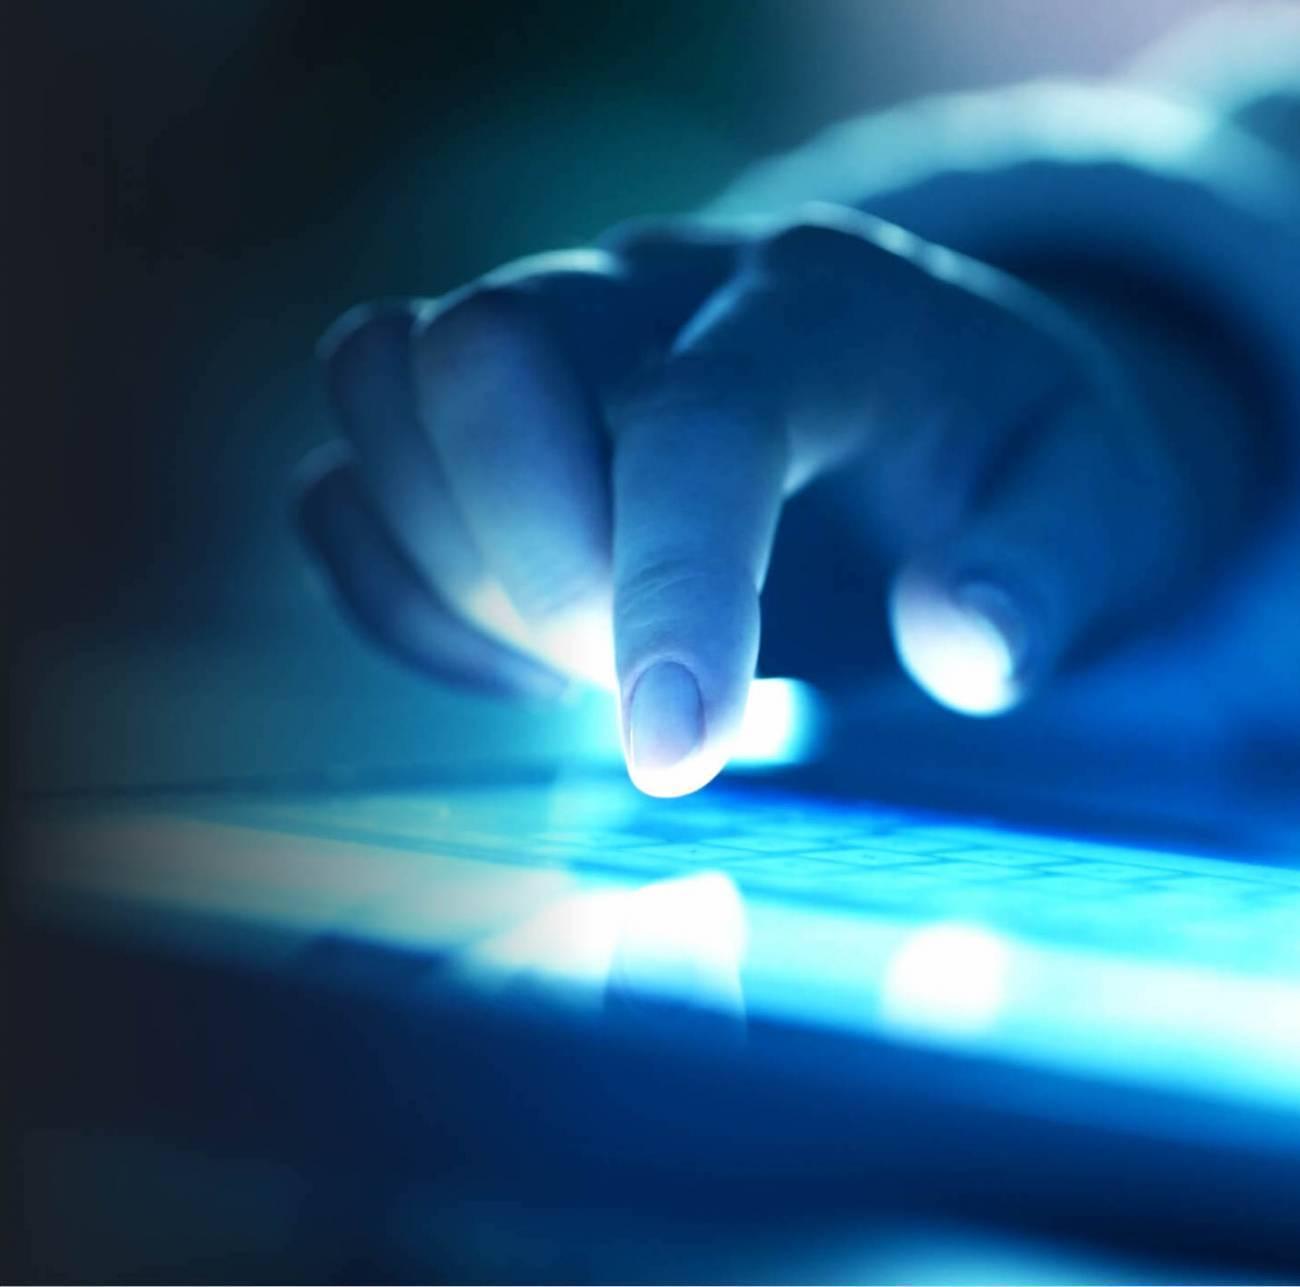 A finger touching a digital screen.